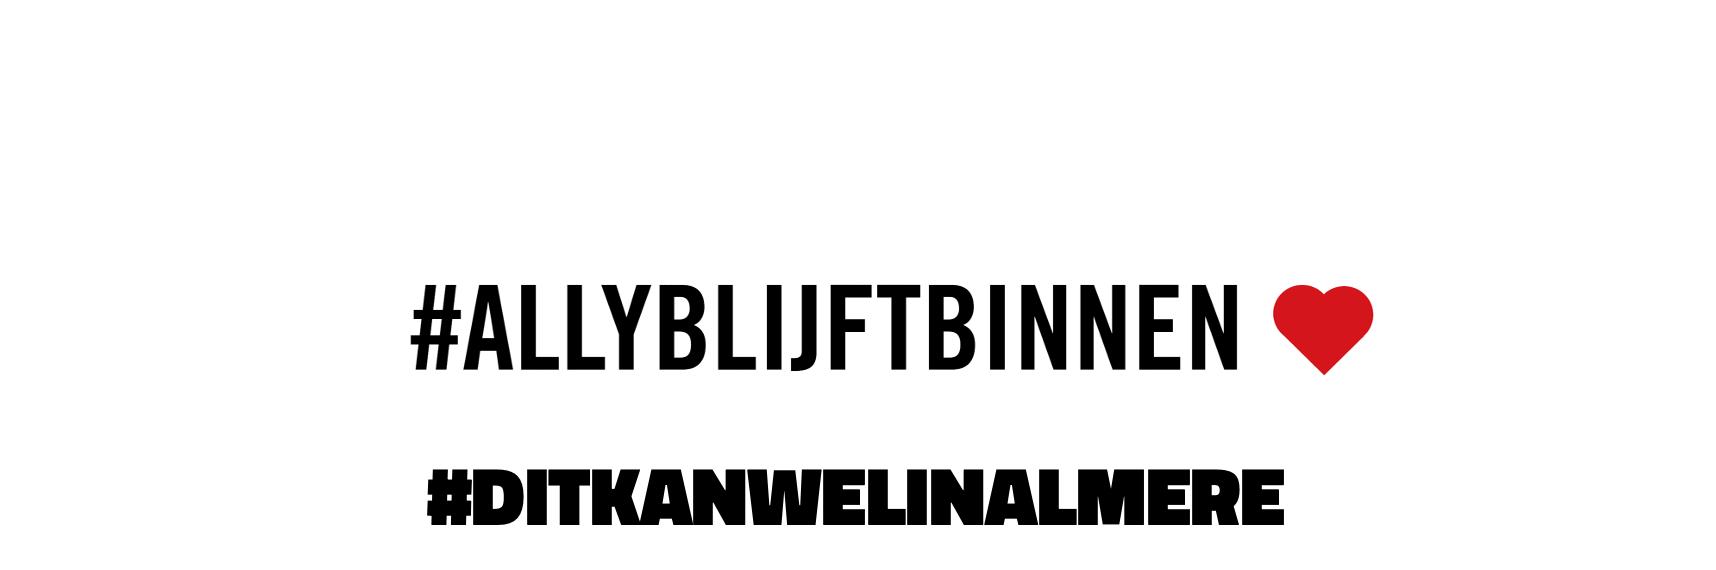 #DITKANWELINALMERE: HET VERHAAL ACHTER DE ACTIES VAN #ALLYBLIJFTBINNEN